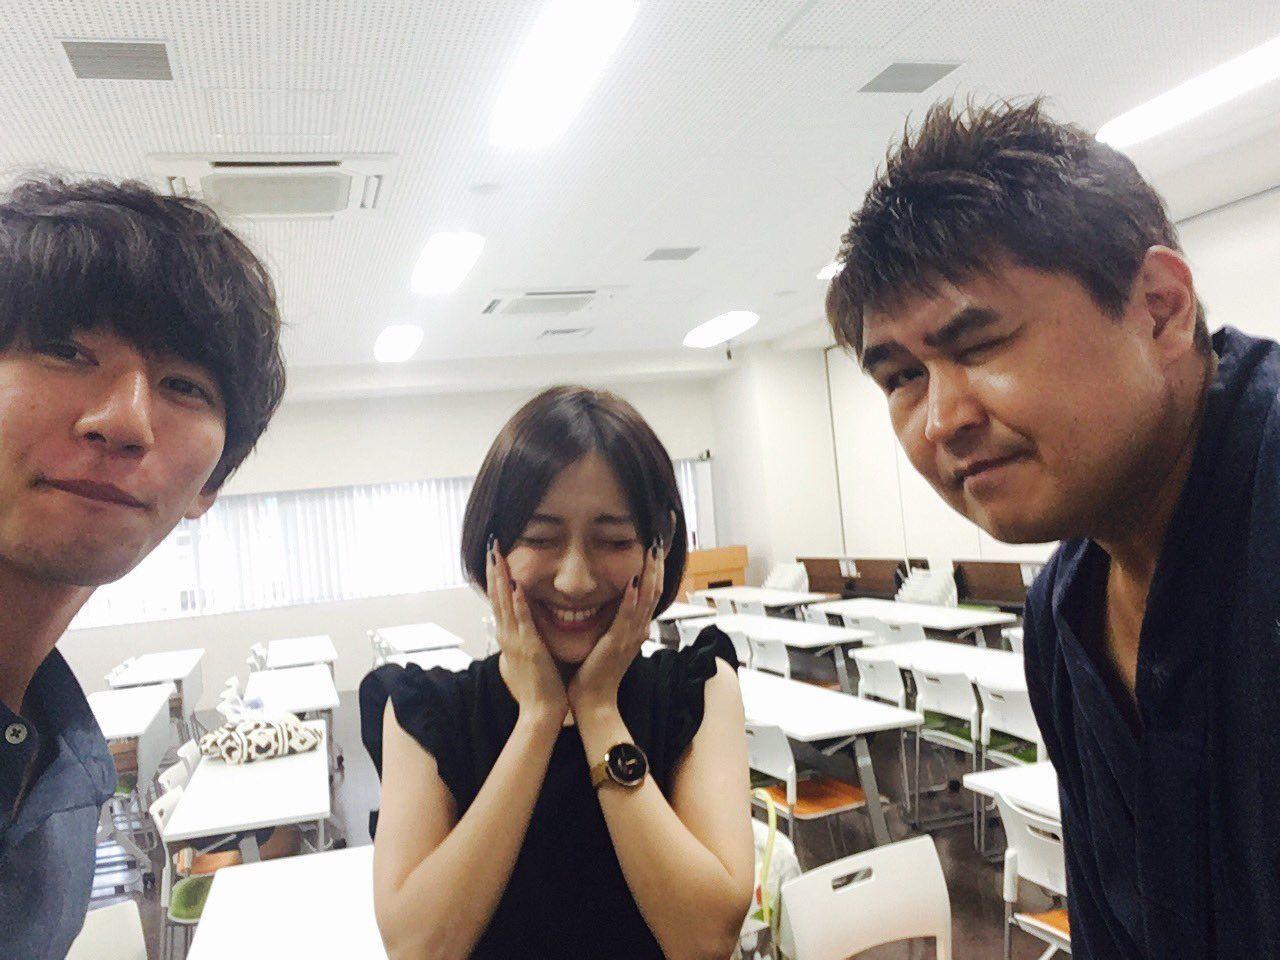 """紗華 on Twitter: """"楽しかった〜〜〜〜!!!素敵!! #愉快な大人 https://t.co/HAoMNuSZY2"""""""